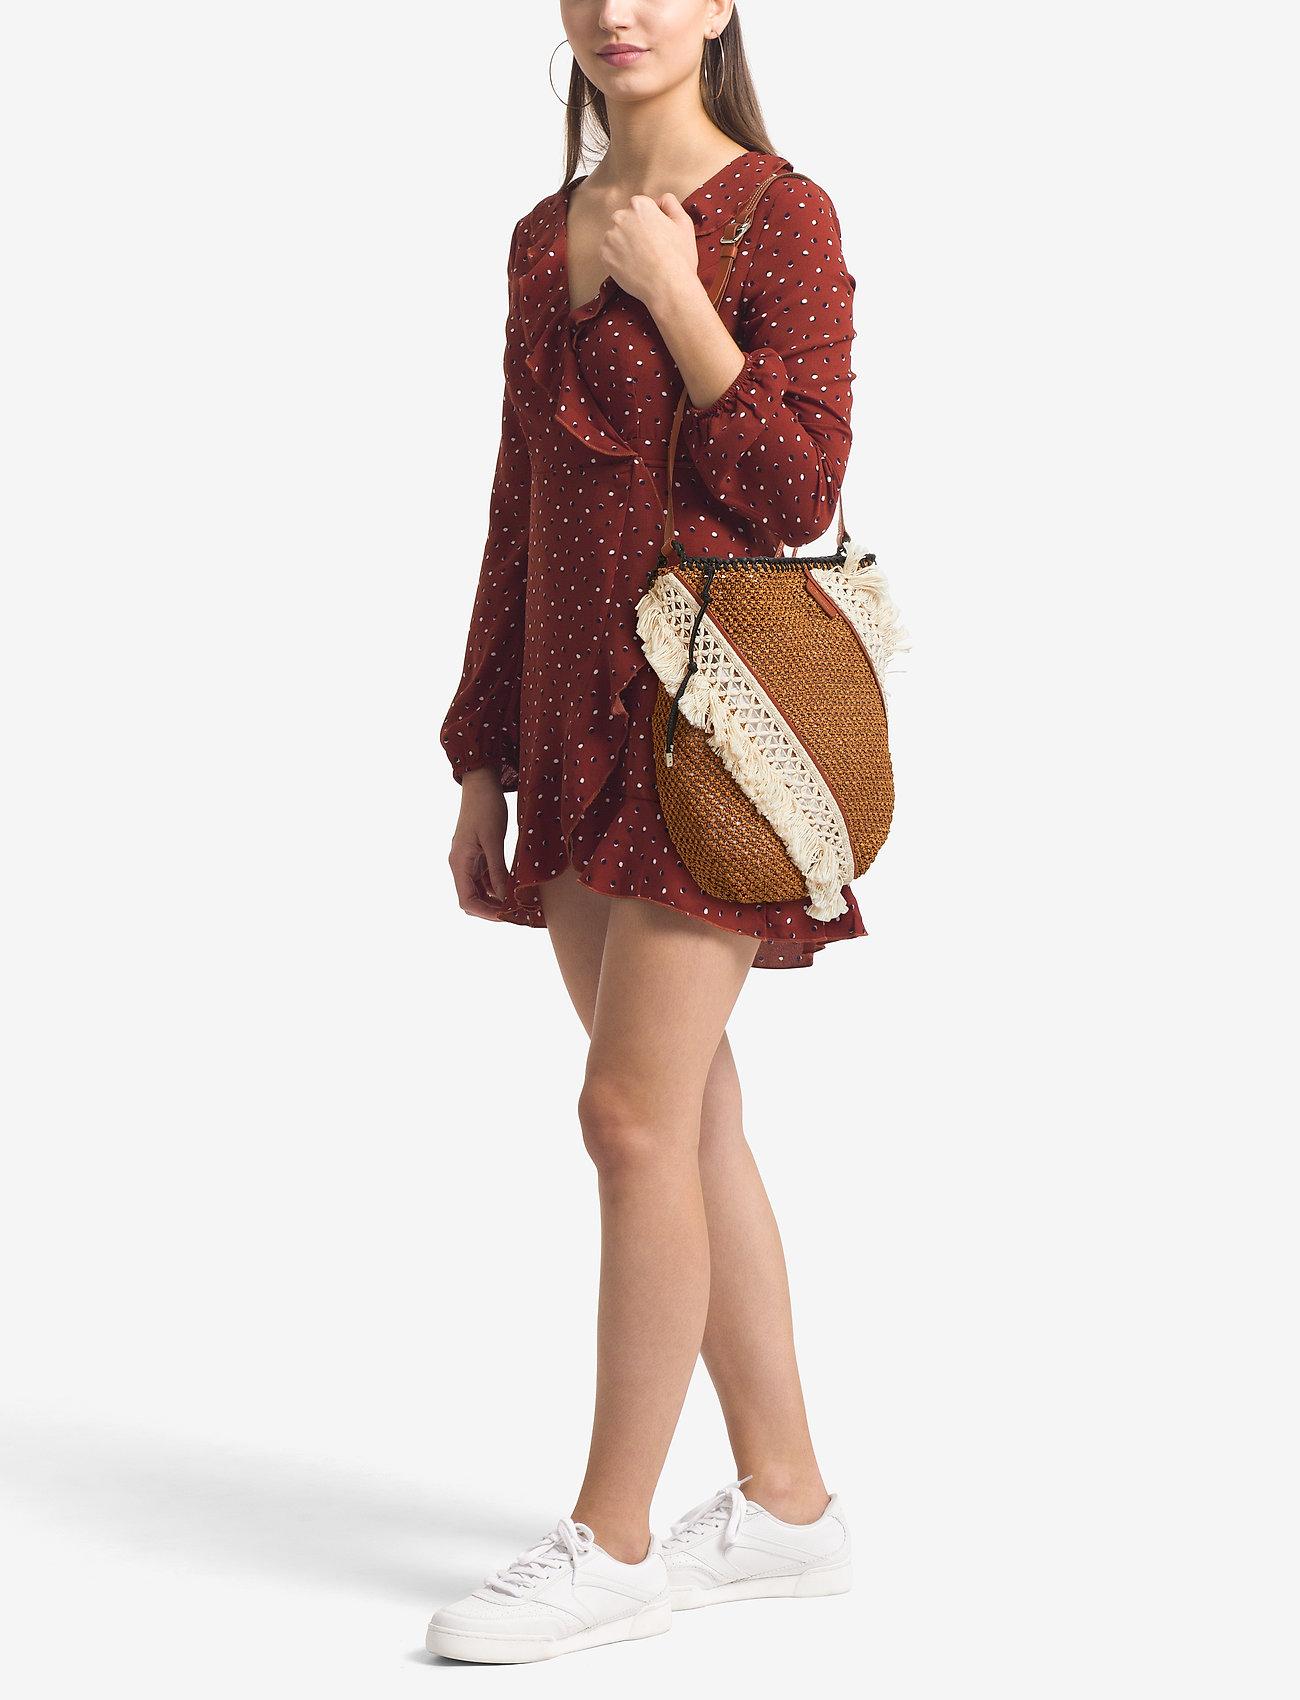 82239a6a1 Marlee Open Weave Bag W Fringe (Cognac) (3860.35 kr) - 3.1 Phillip ...